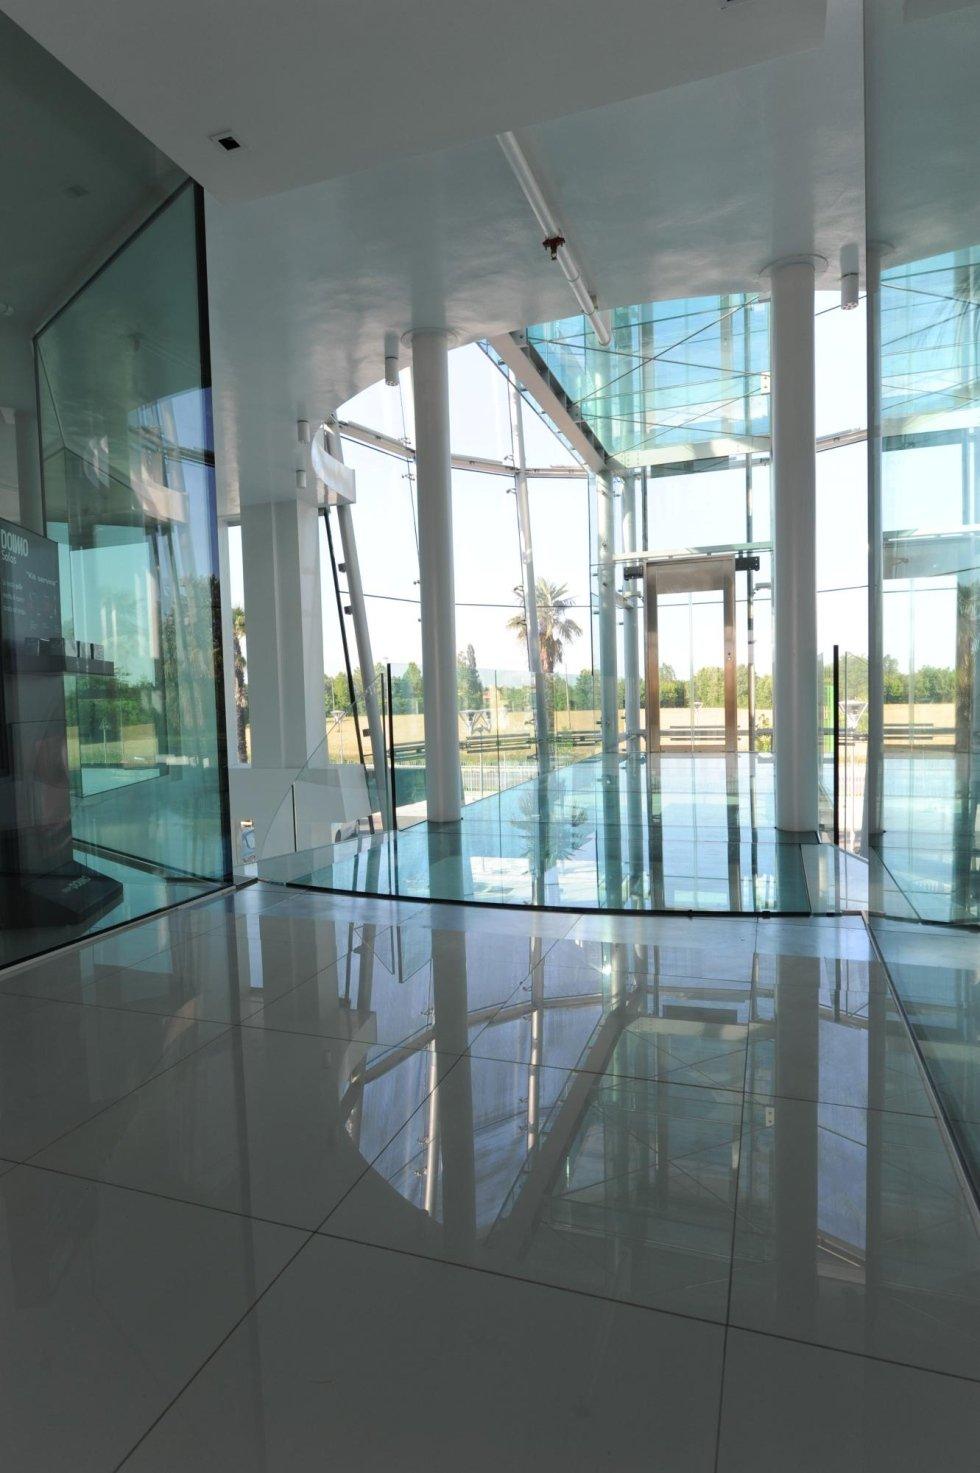 reception di ufficio in vetro con ascensore panoramico